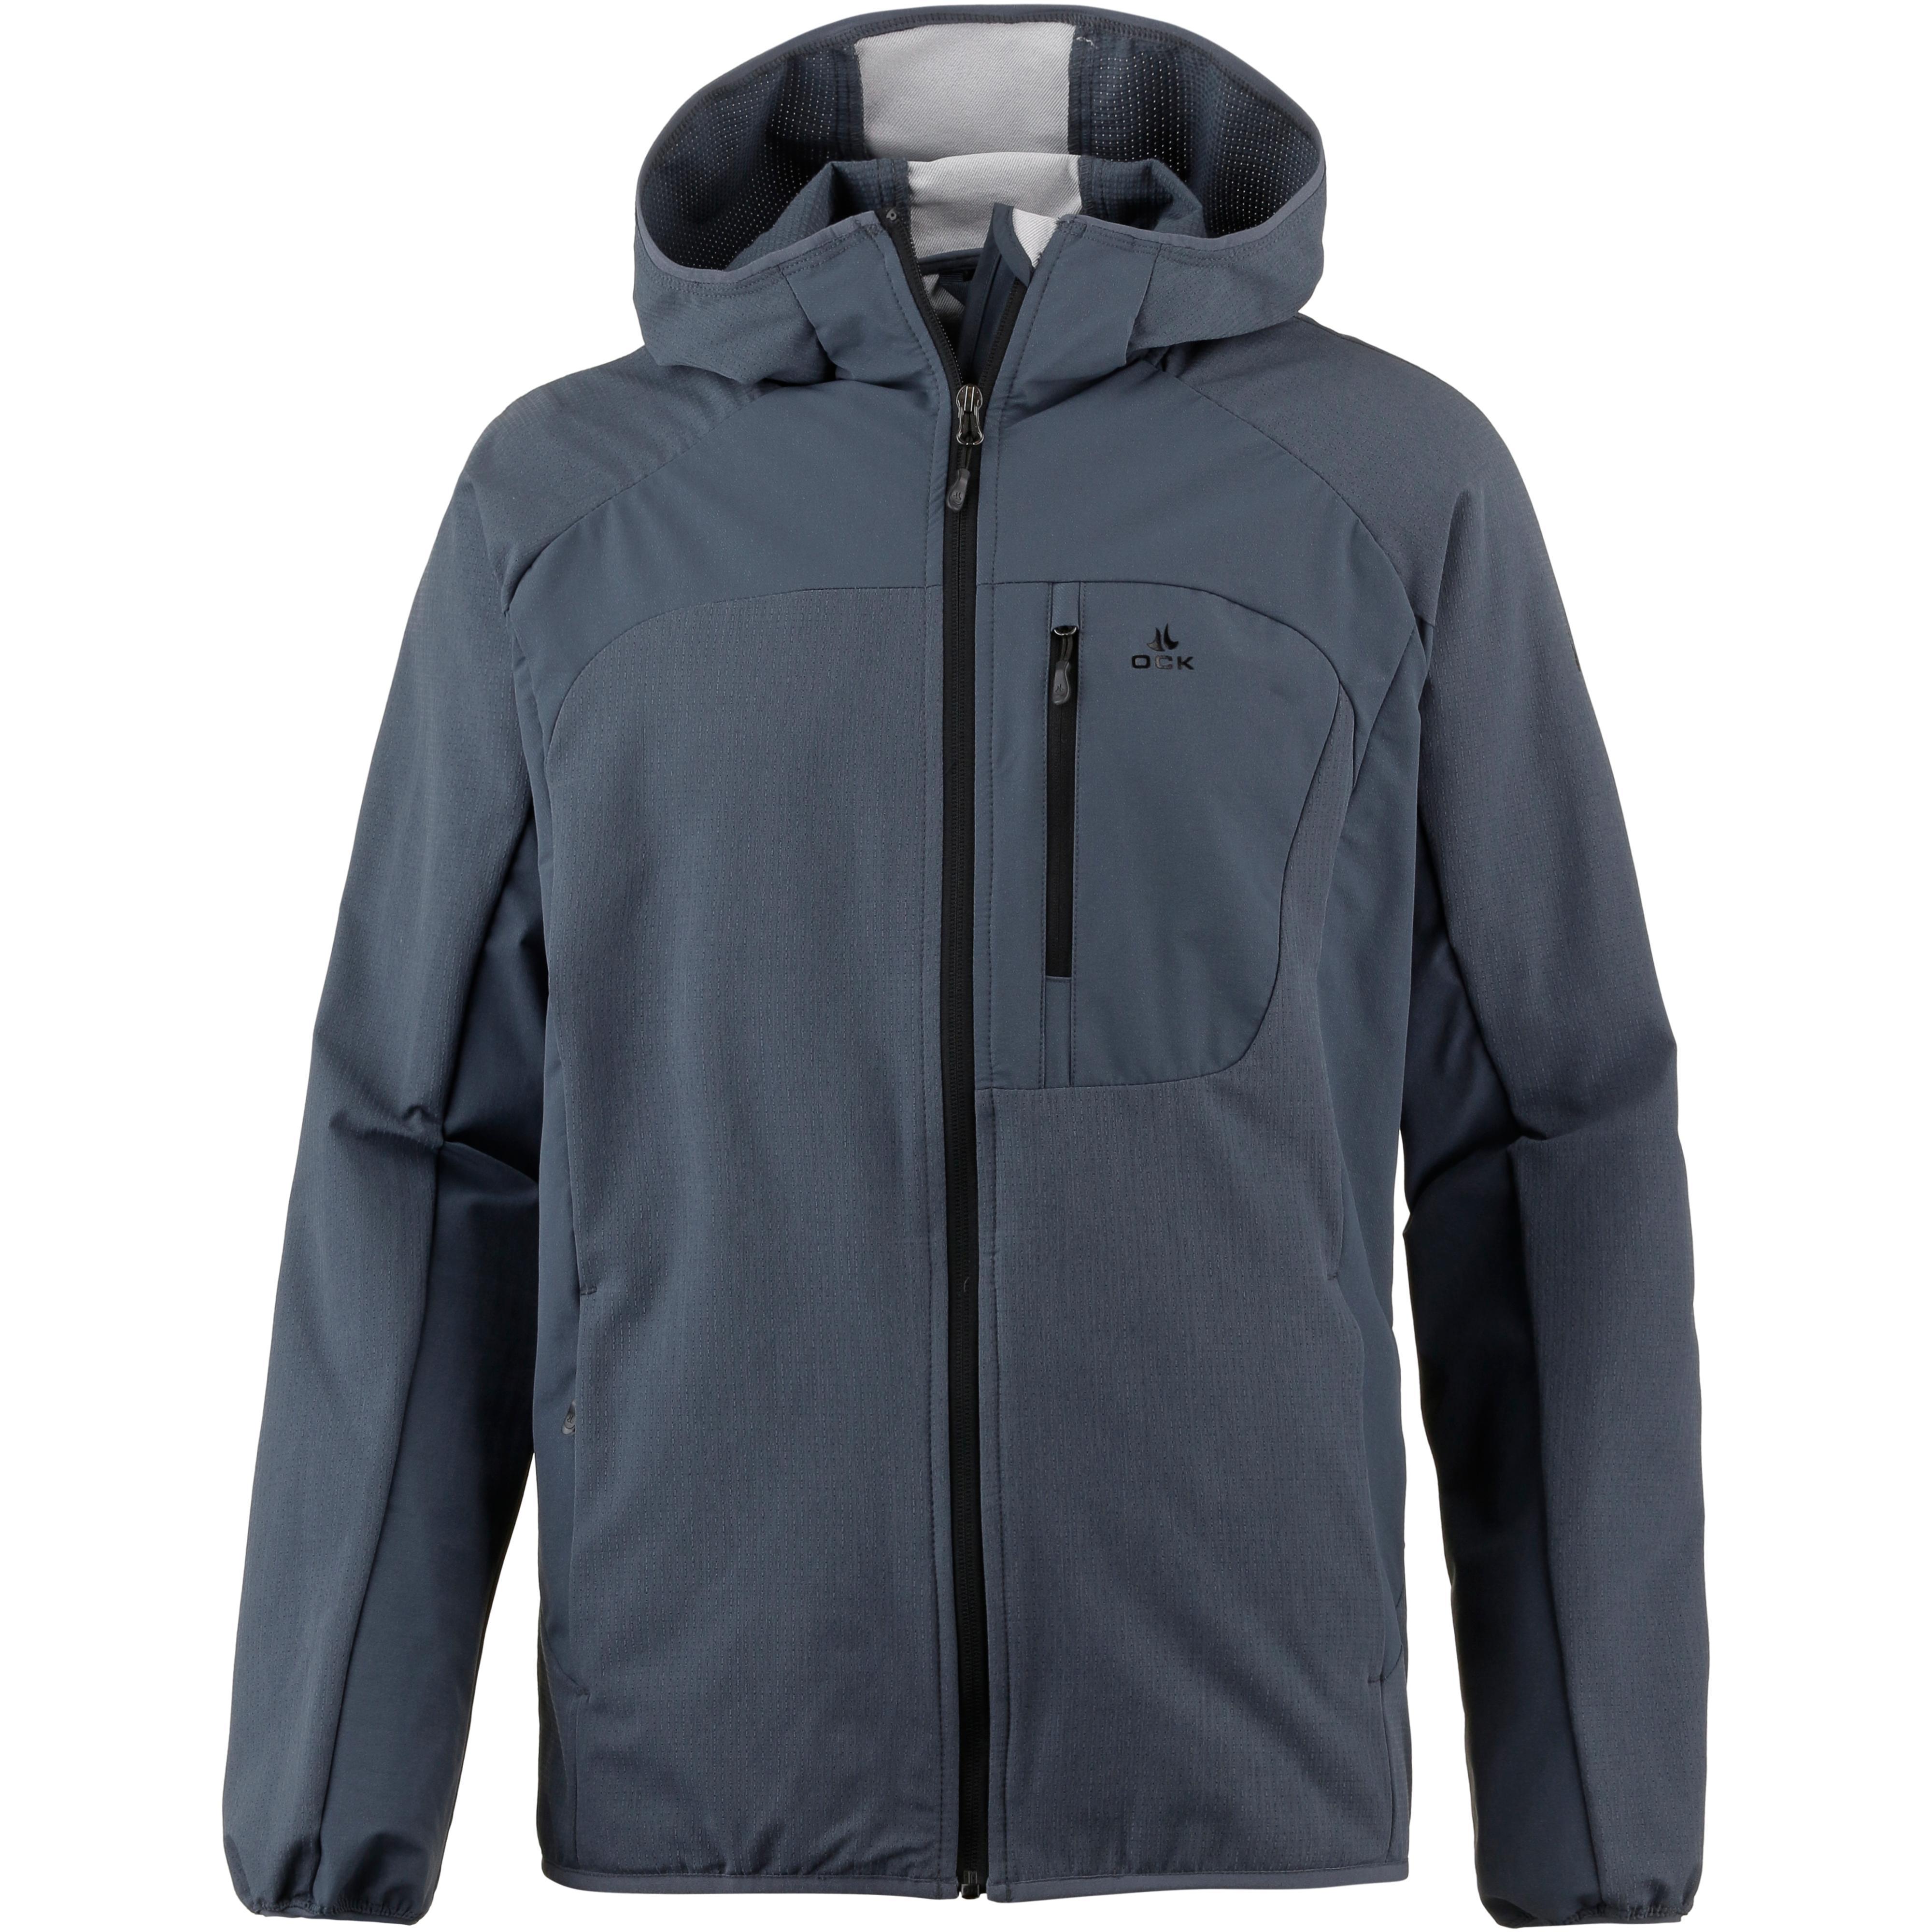 jacken im sale im online shop von sportscheck kaufen  ock softshelljacke herren graublau